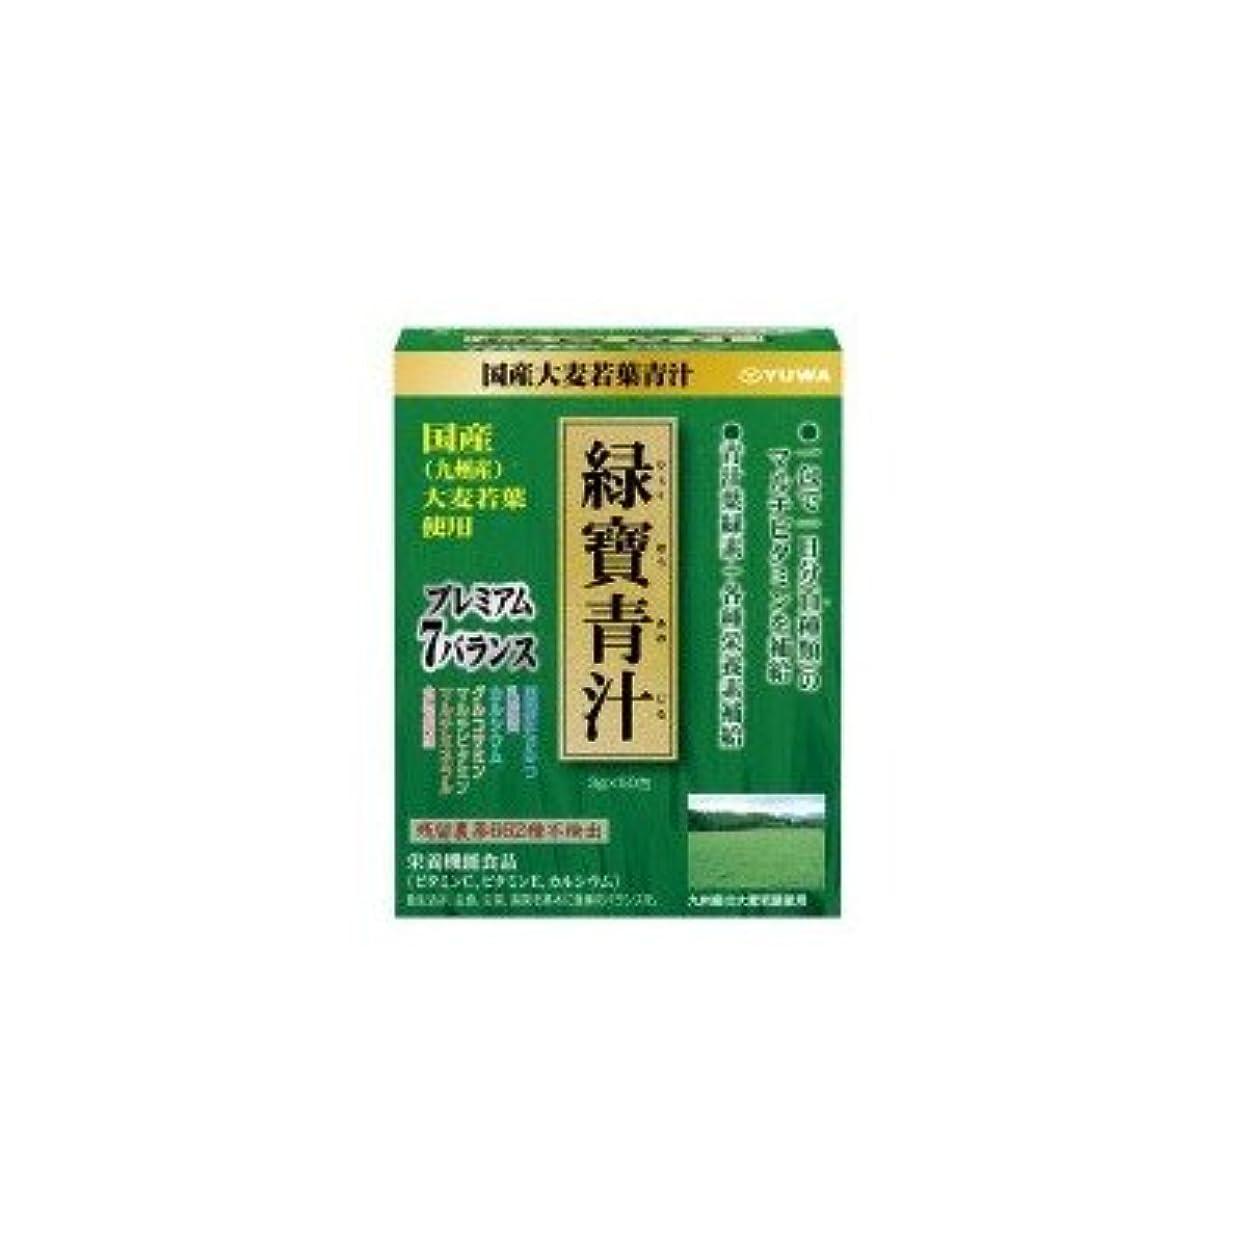 ワーカー中央シートユーワ 九州産大麦若葉使用 緑寶青汁 150g(3g×50包) 2865